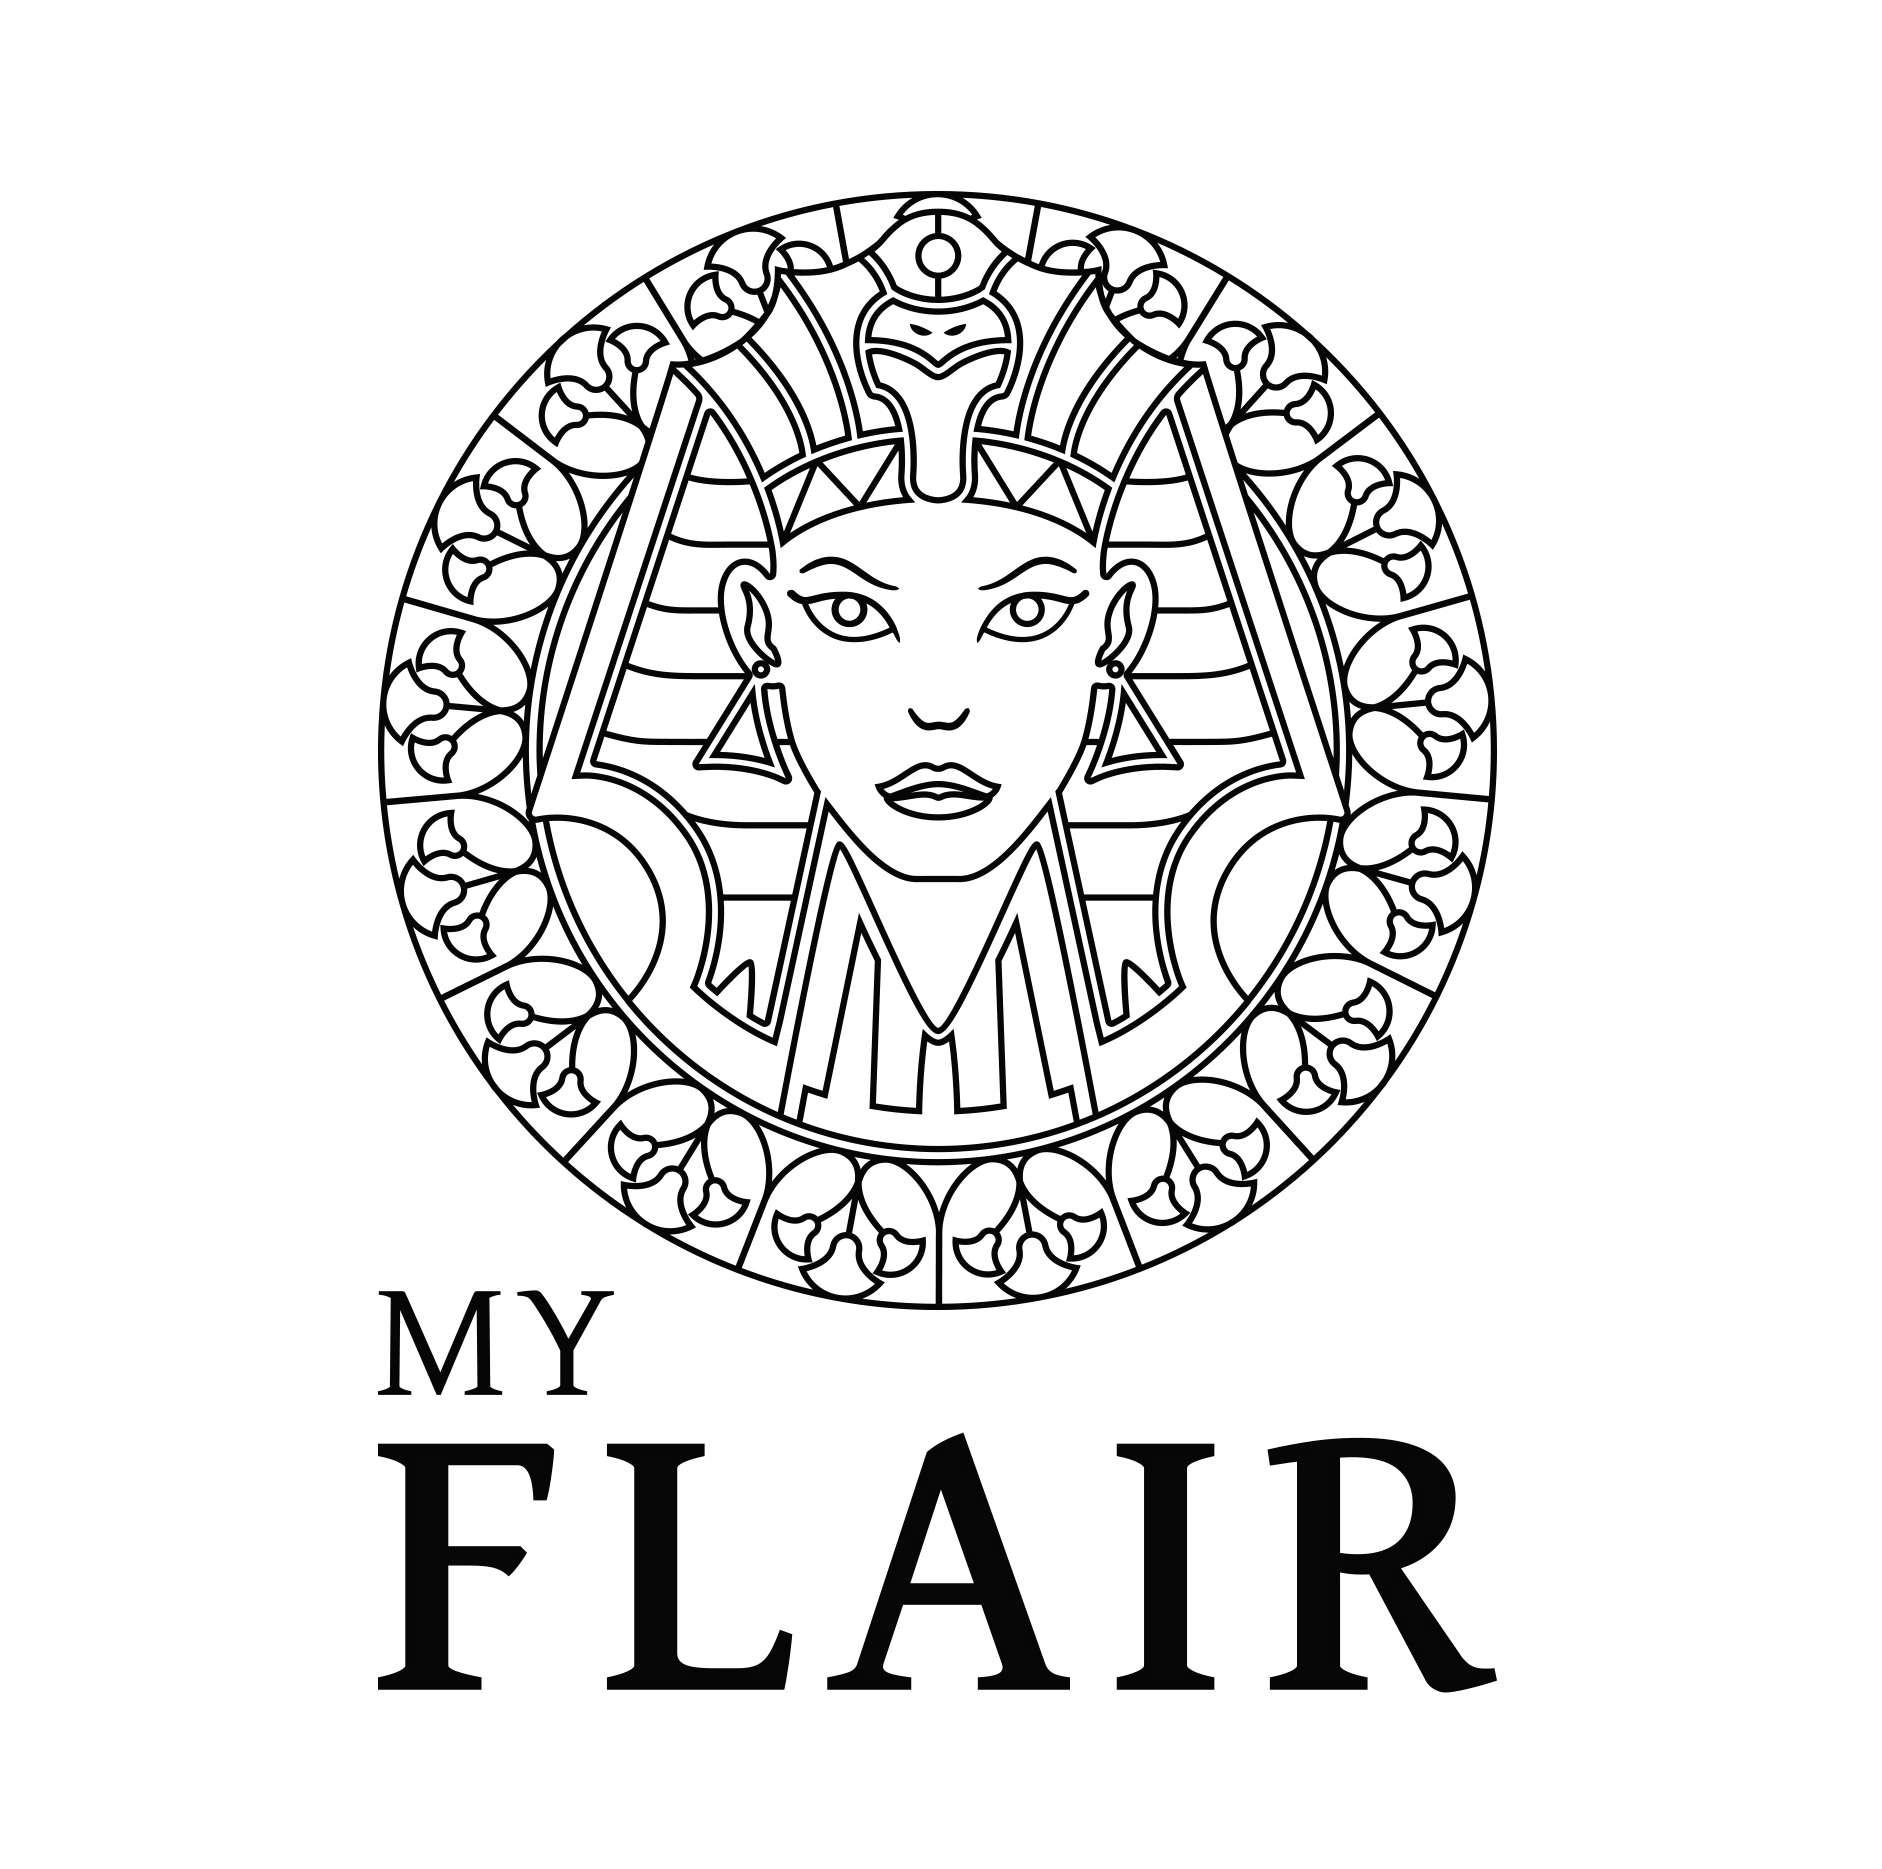 My Flair